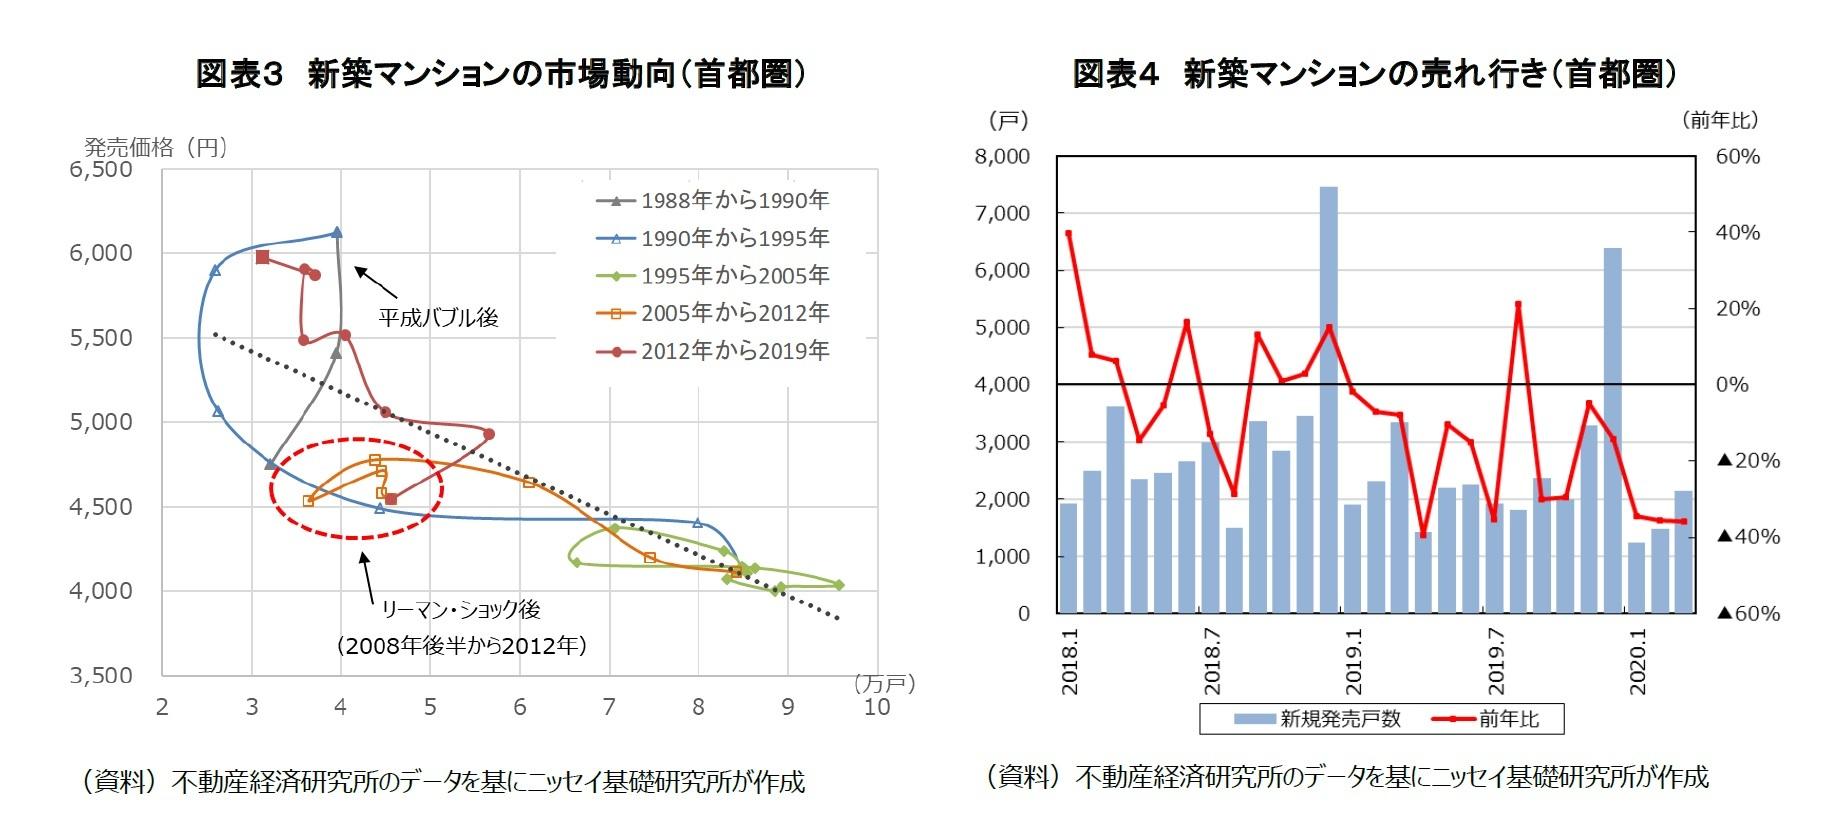 図表3 新築マンションの市場動向(首都圏)/図表4 新築マンションの売れ行き(首都圏)